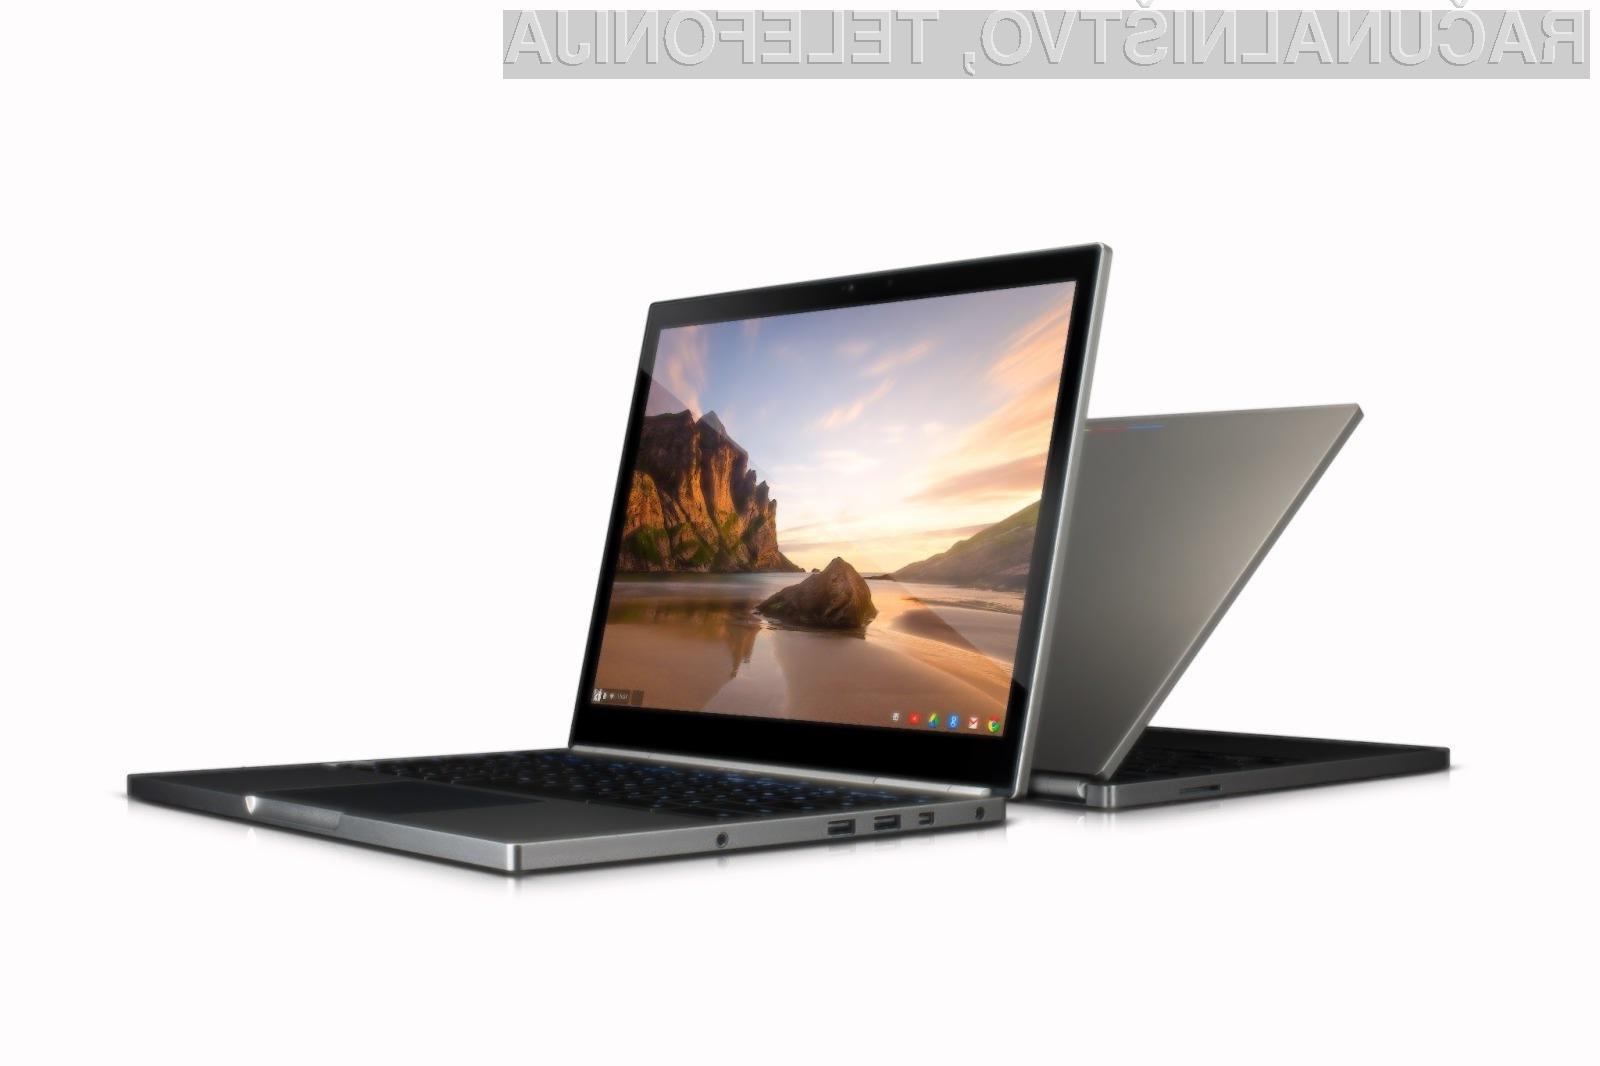 Na dotik občutljiv prenosnik Google Chromebook Pixel 2 bo navduševal v vseh pogledih!